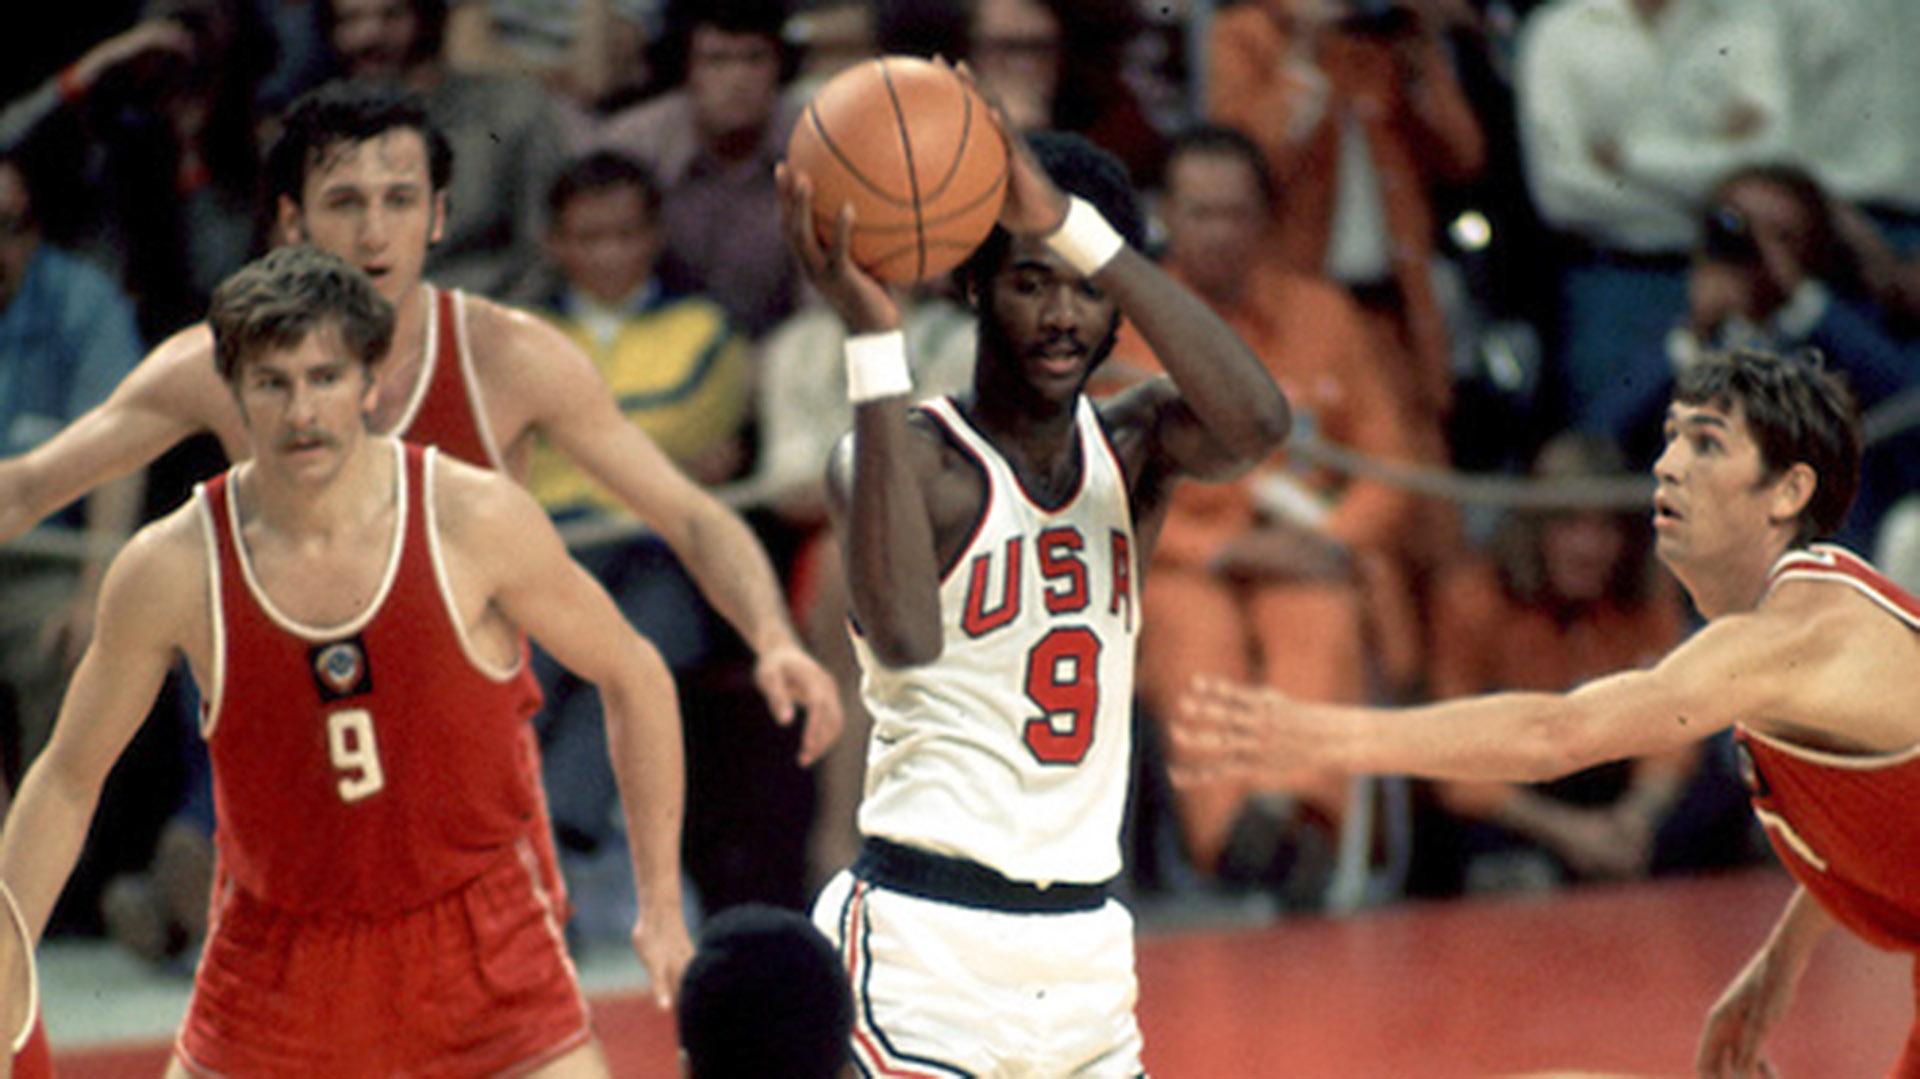 El triunfo de la URSS sobre EEUU en Múnich 1972 es el partido más polémico de la historia del baloncesto (Rich Clarkson / Rich Clarkson & Associates)